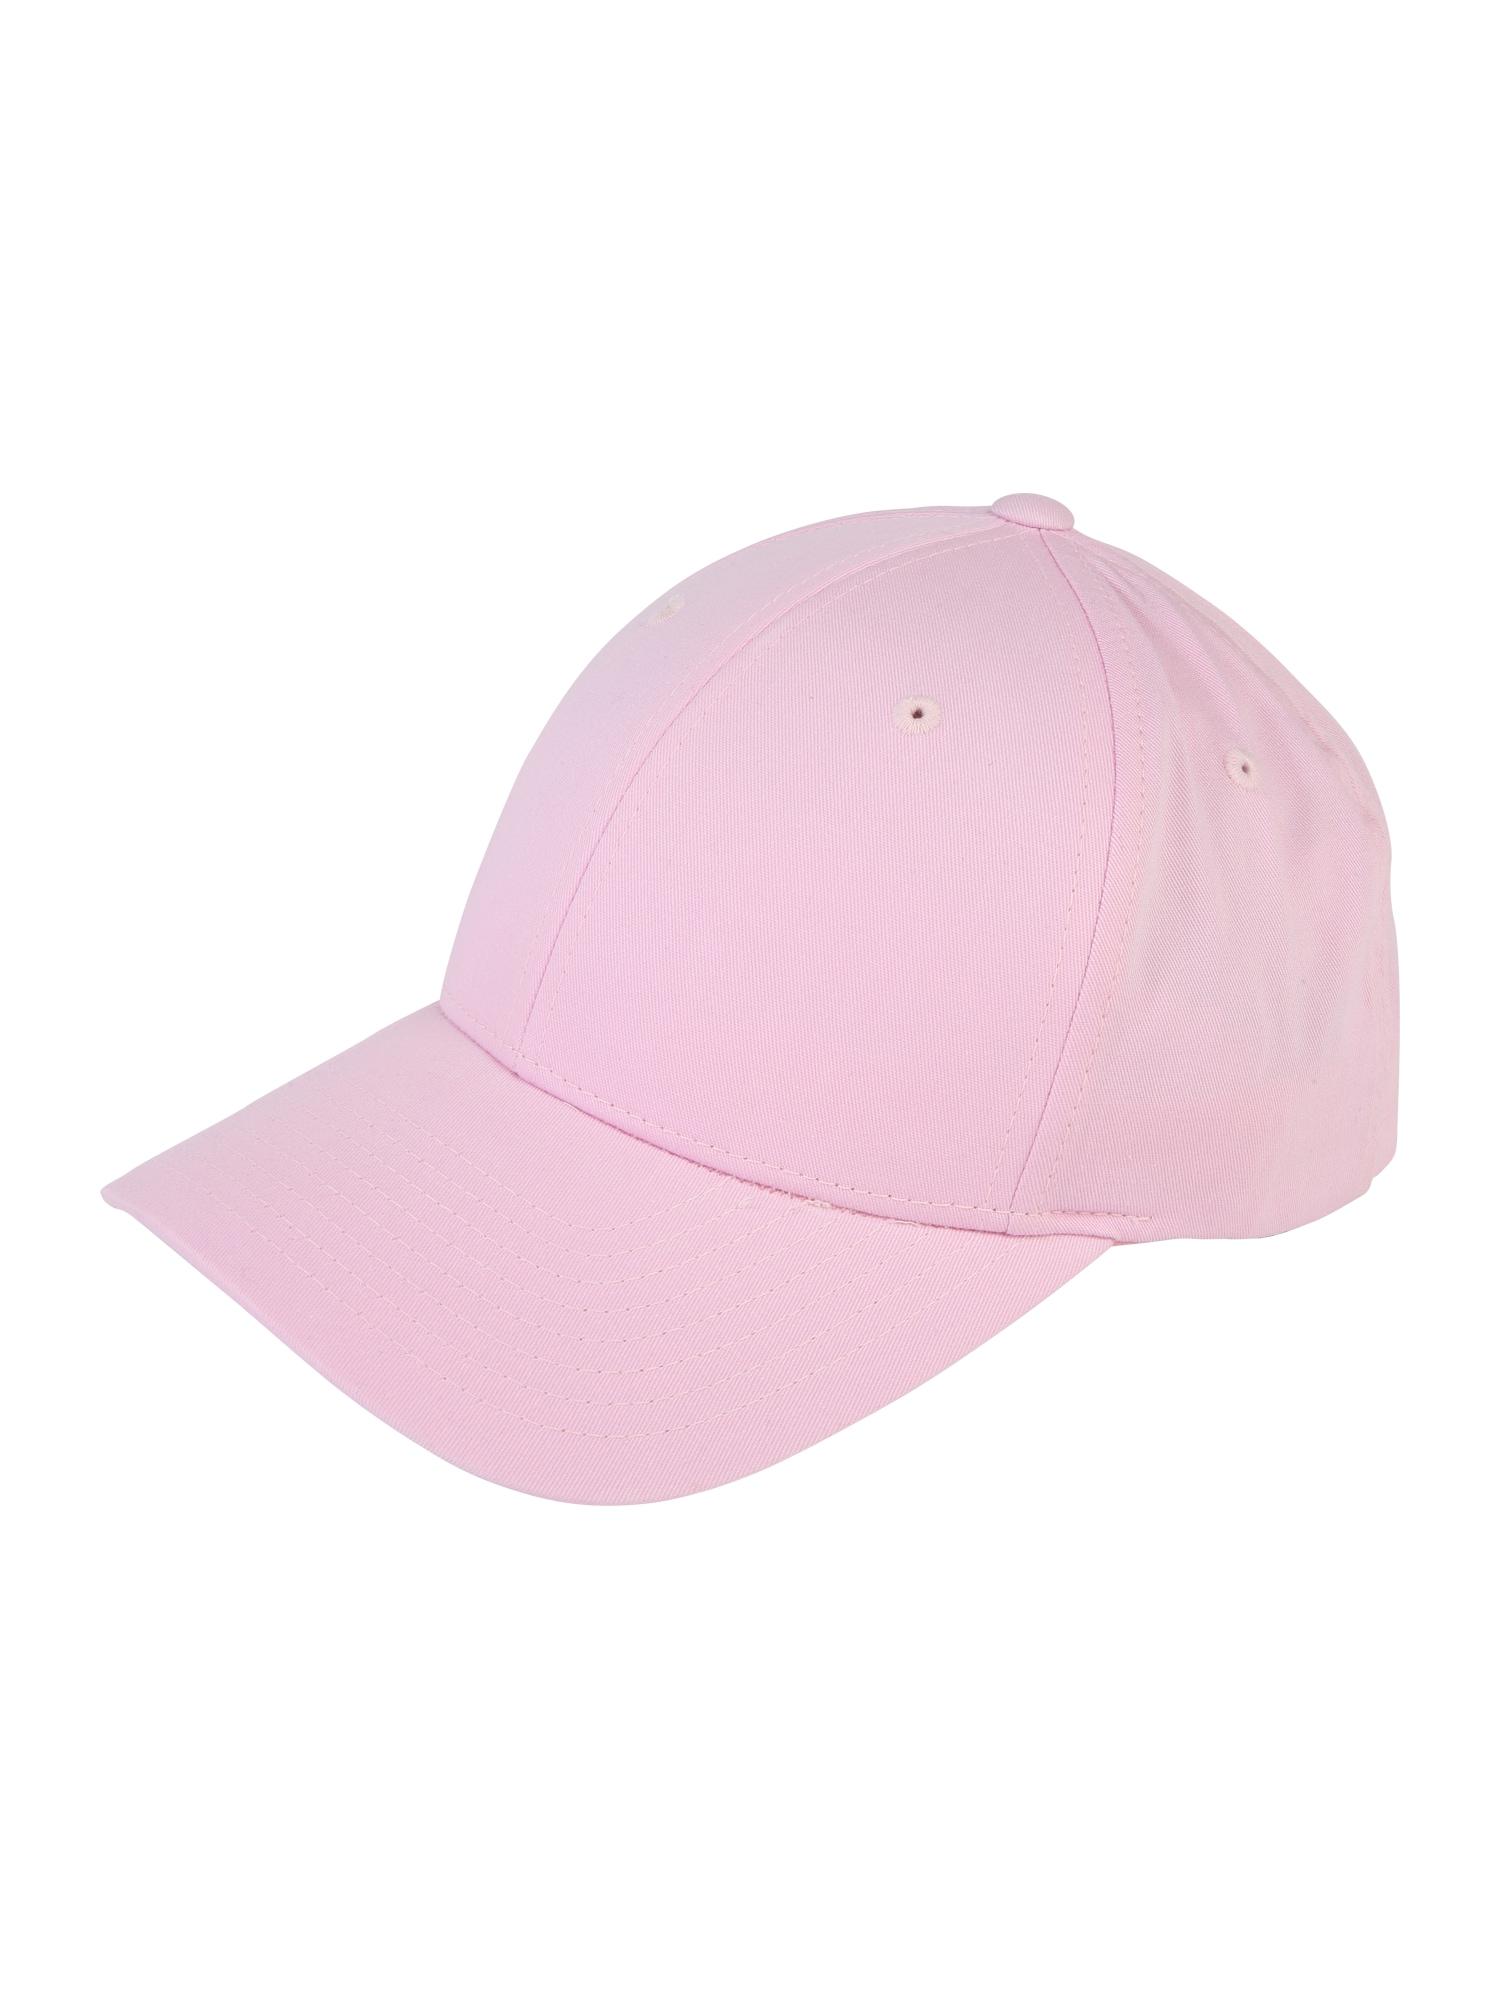 Kšiltovka Curved Classic Snapback světle růžová Flexfit